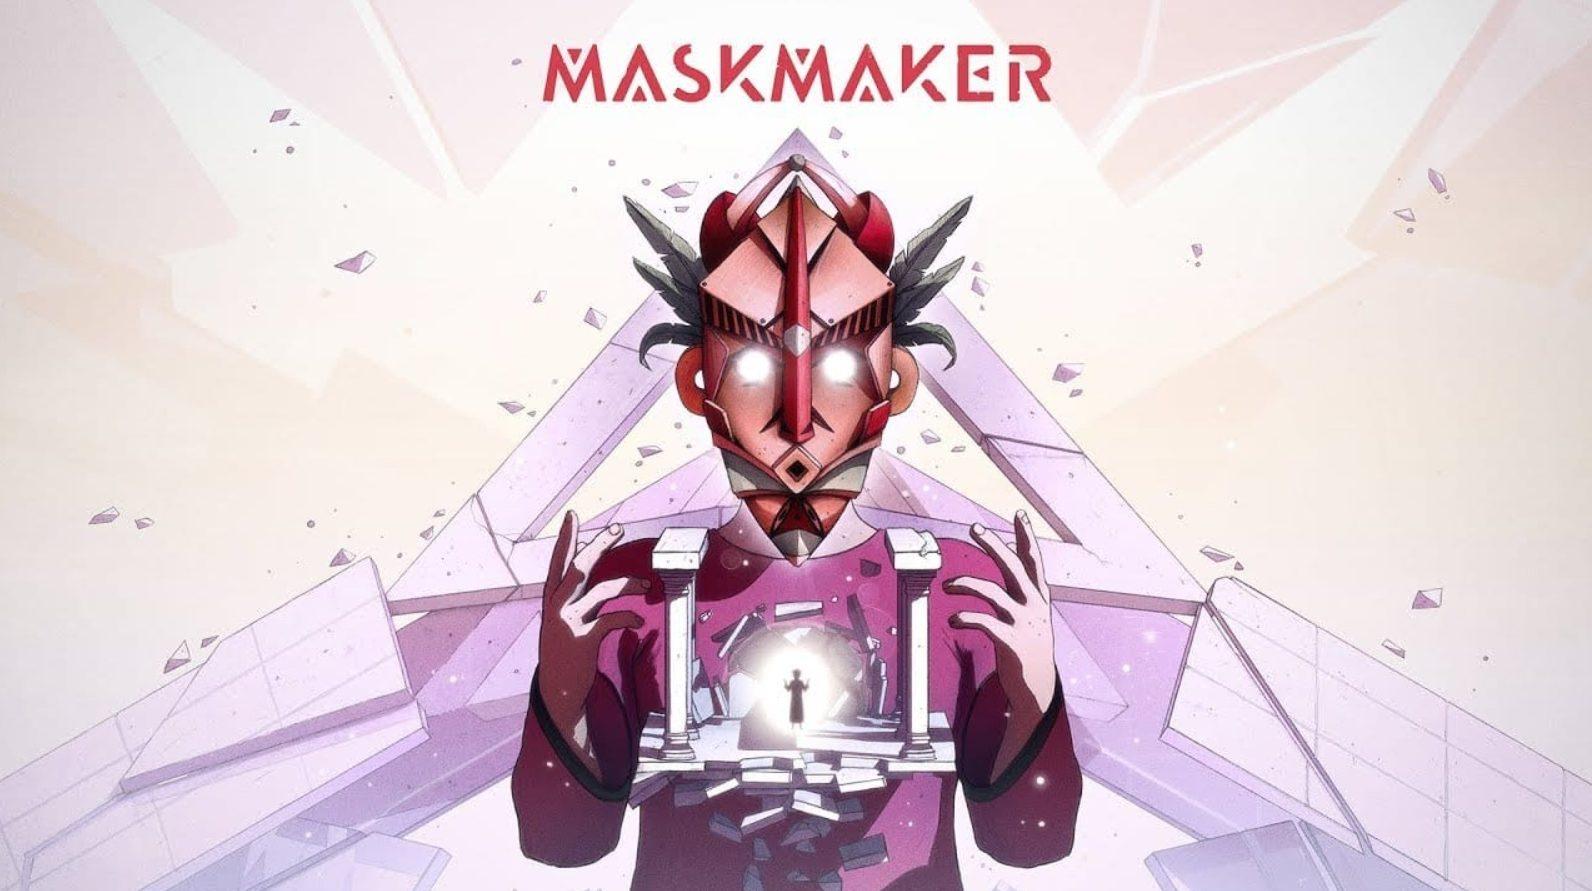 Maskmaker PS4 Version Full Game Setup Free Download